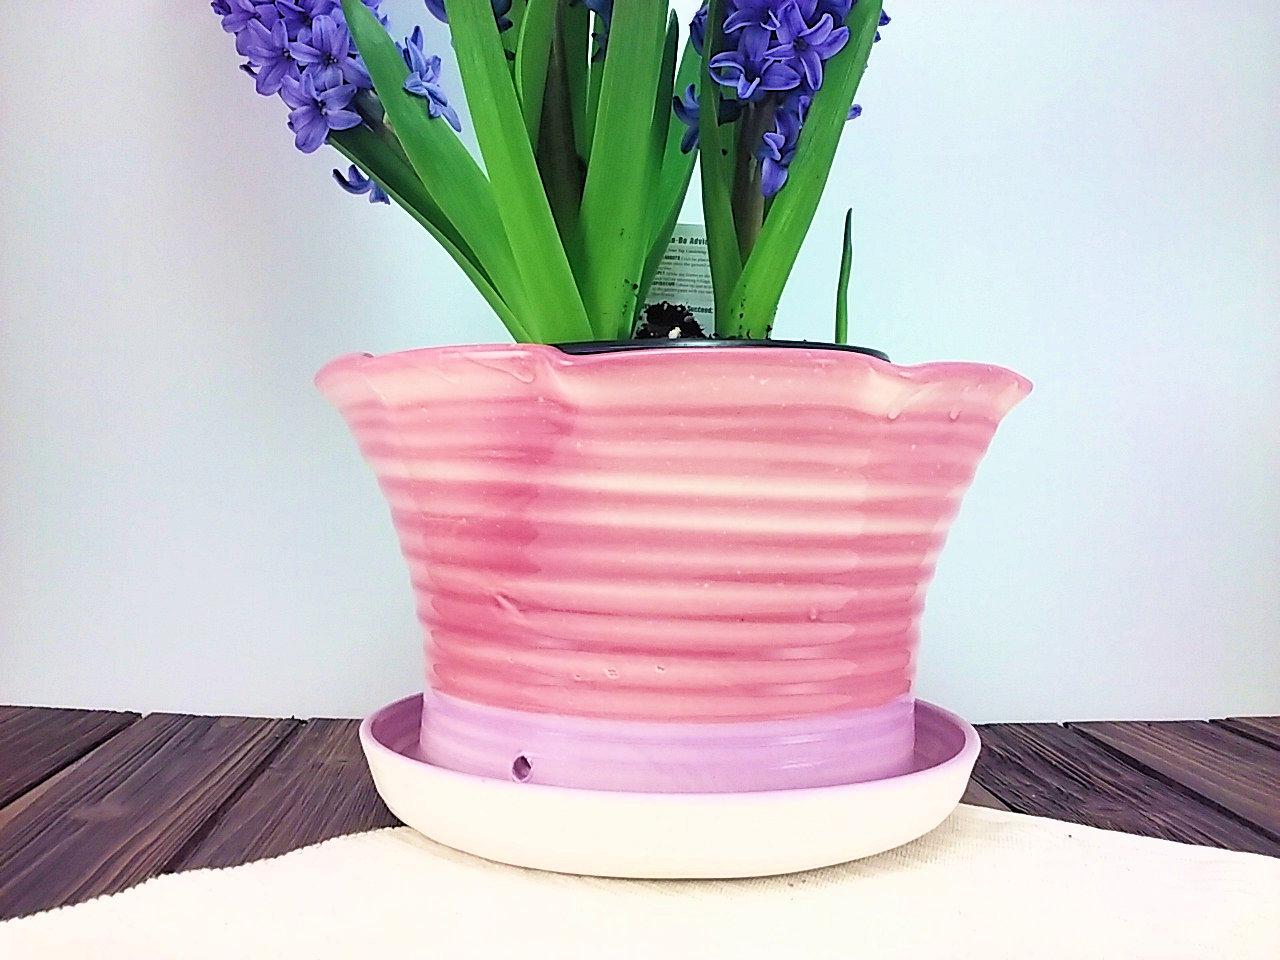 & Handmade Ceramic Flower Pot